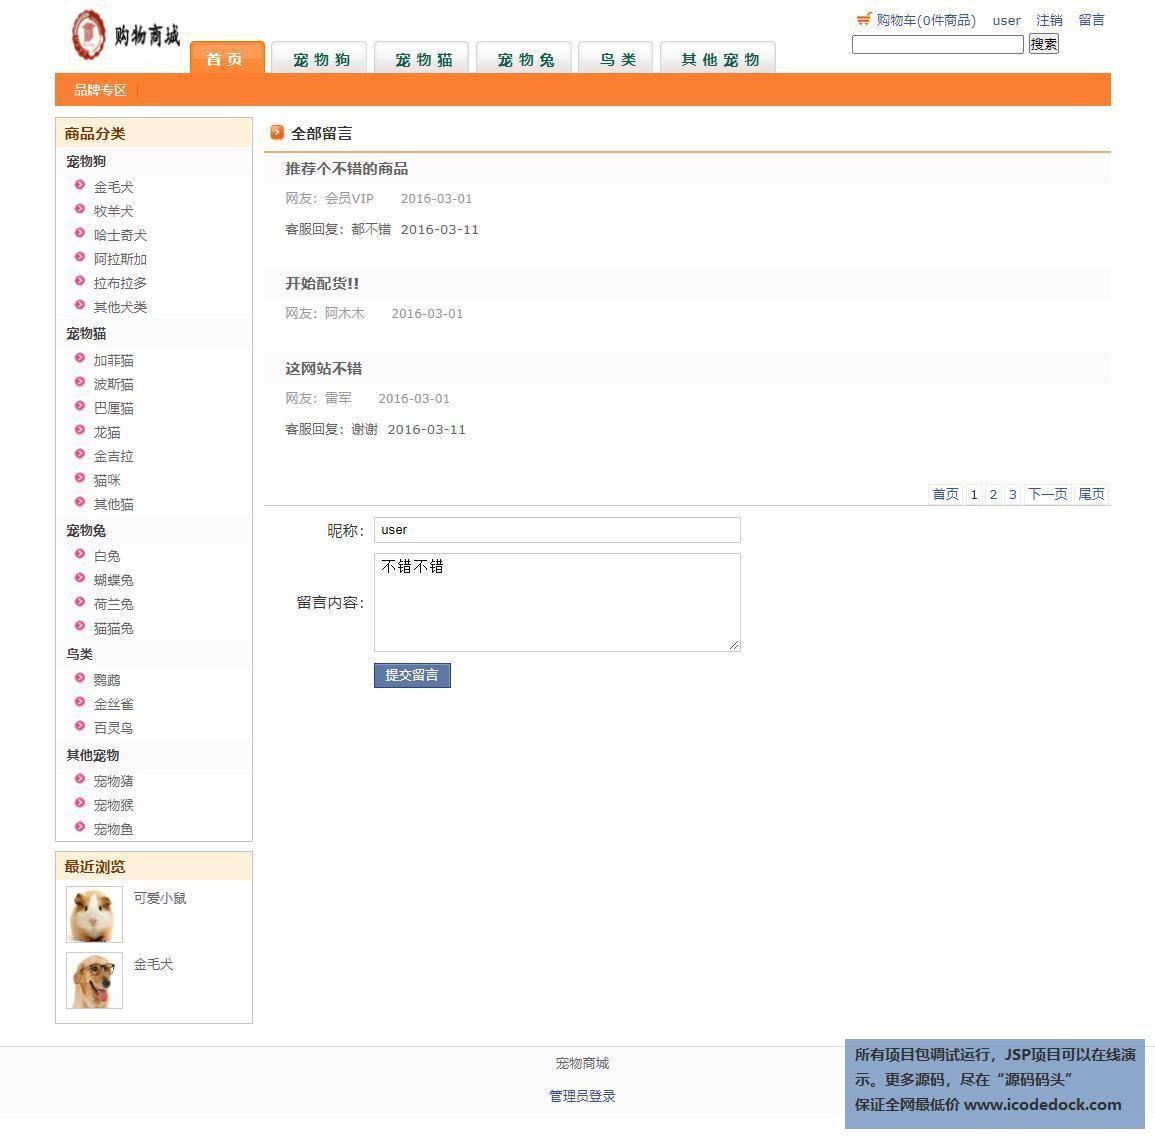 源码码头-SSH实现的一个宠物商城-用户角色-用户留言